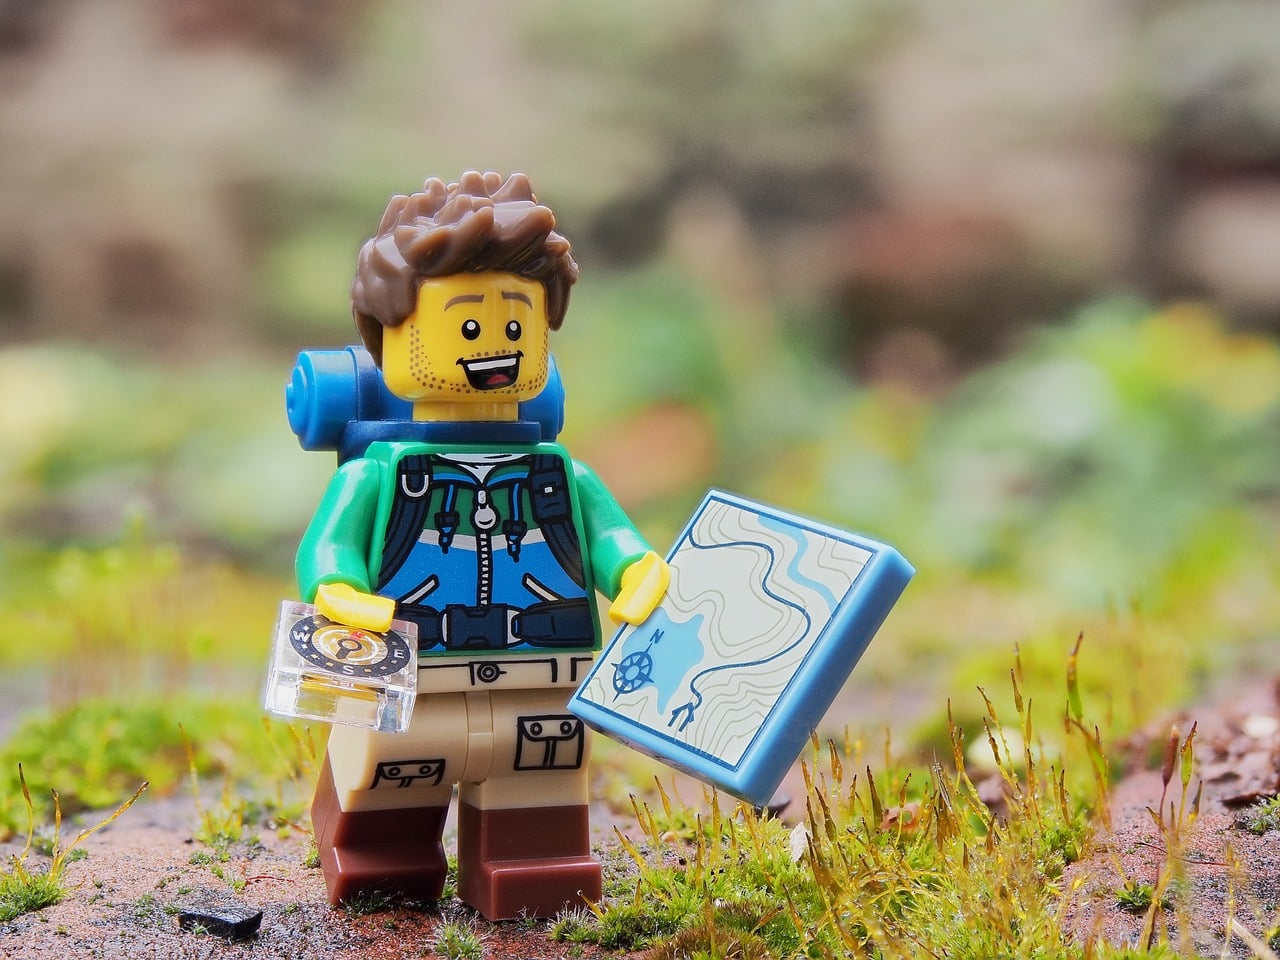 L'univers Lego City - Le meilleur univers des briques Lego